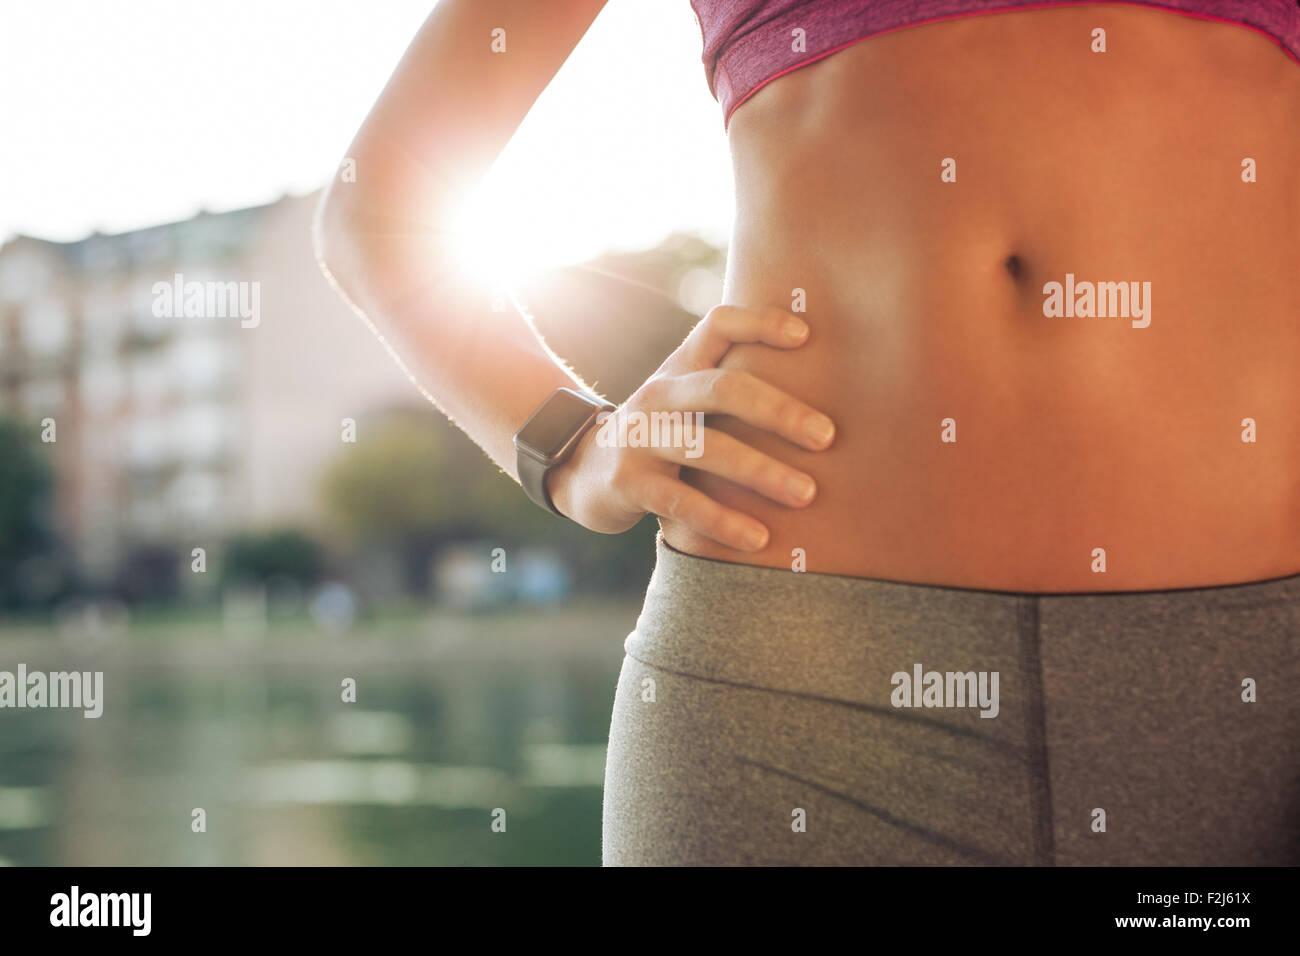 Mittleren Bereich der Torso Fit Frau mit ihren Händen auf den Hüften. Weibliche Läufer tragen Smartwatch Stockbild